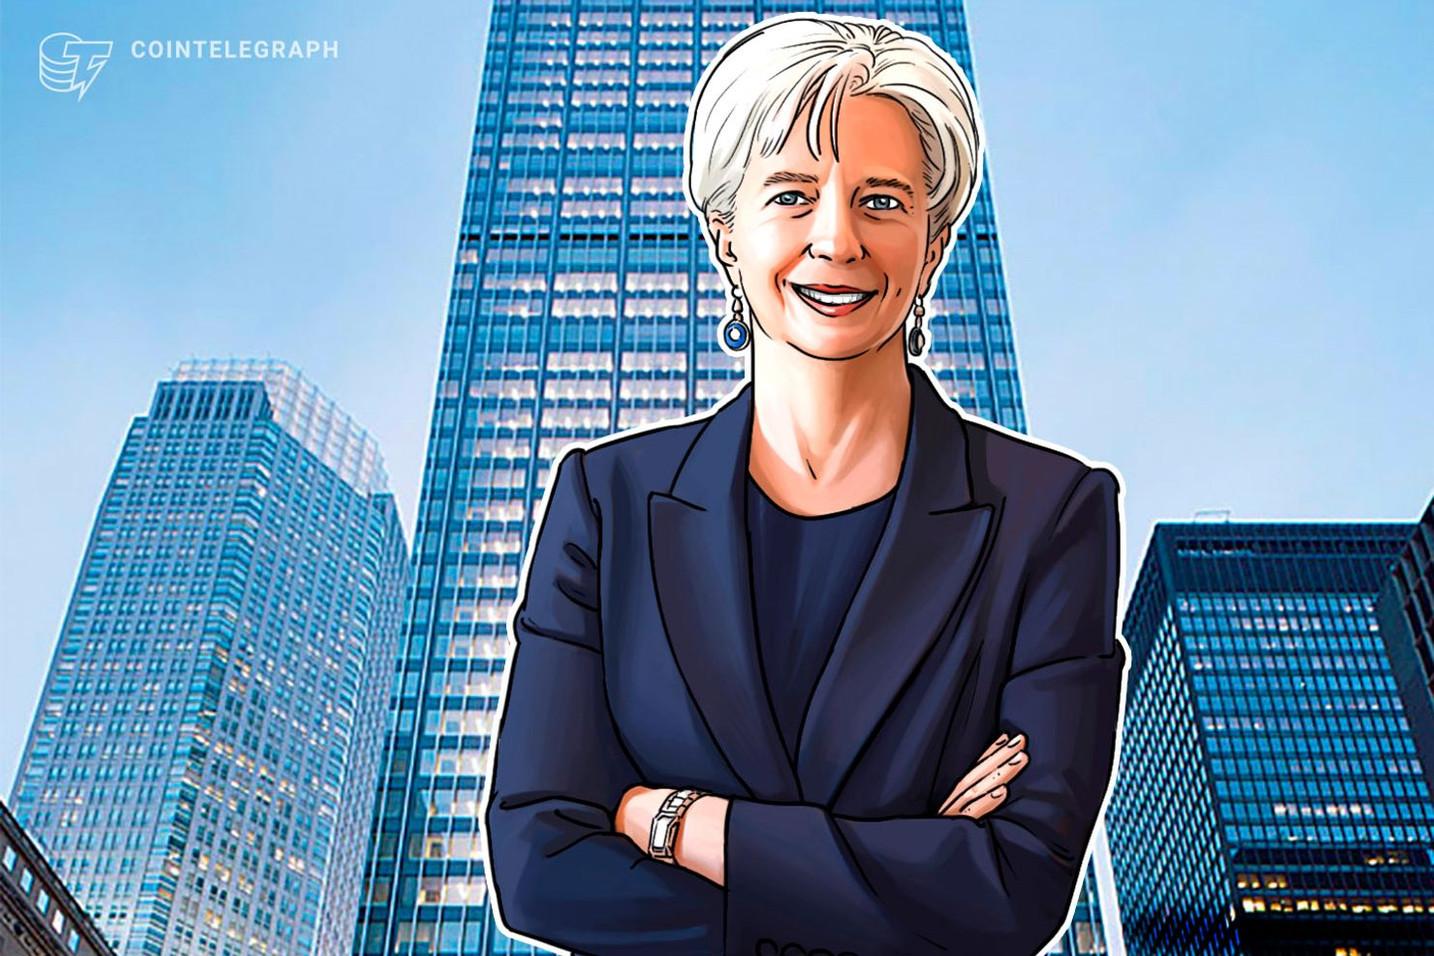 ラガルド氏のECB総裁指名は欧州中央銀行のデジタル通貨発行に繋がるか? 仮想通貨業界に追い風との声も